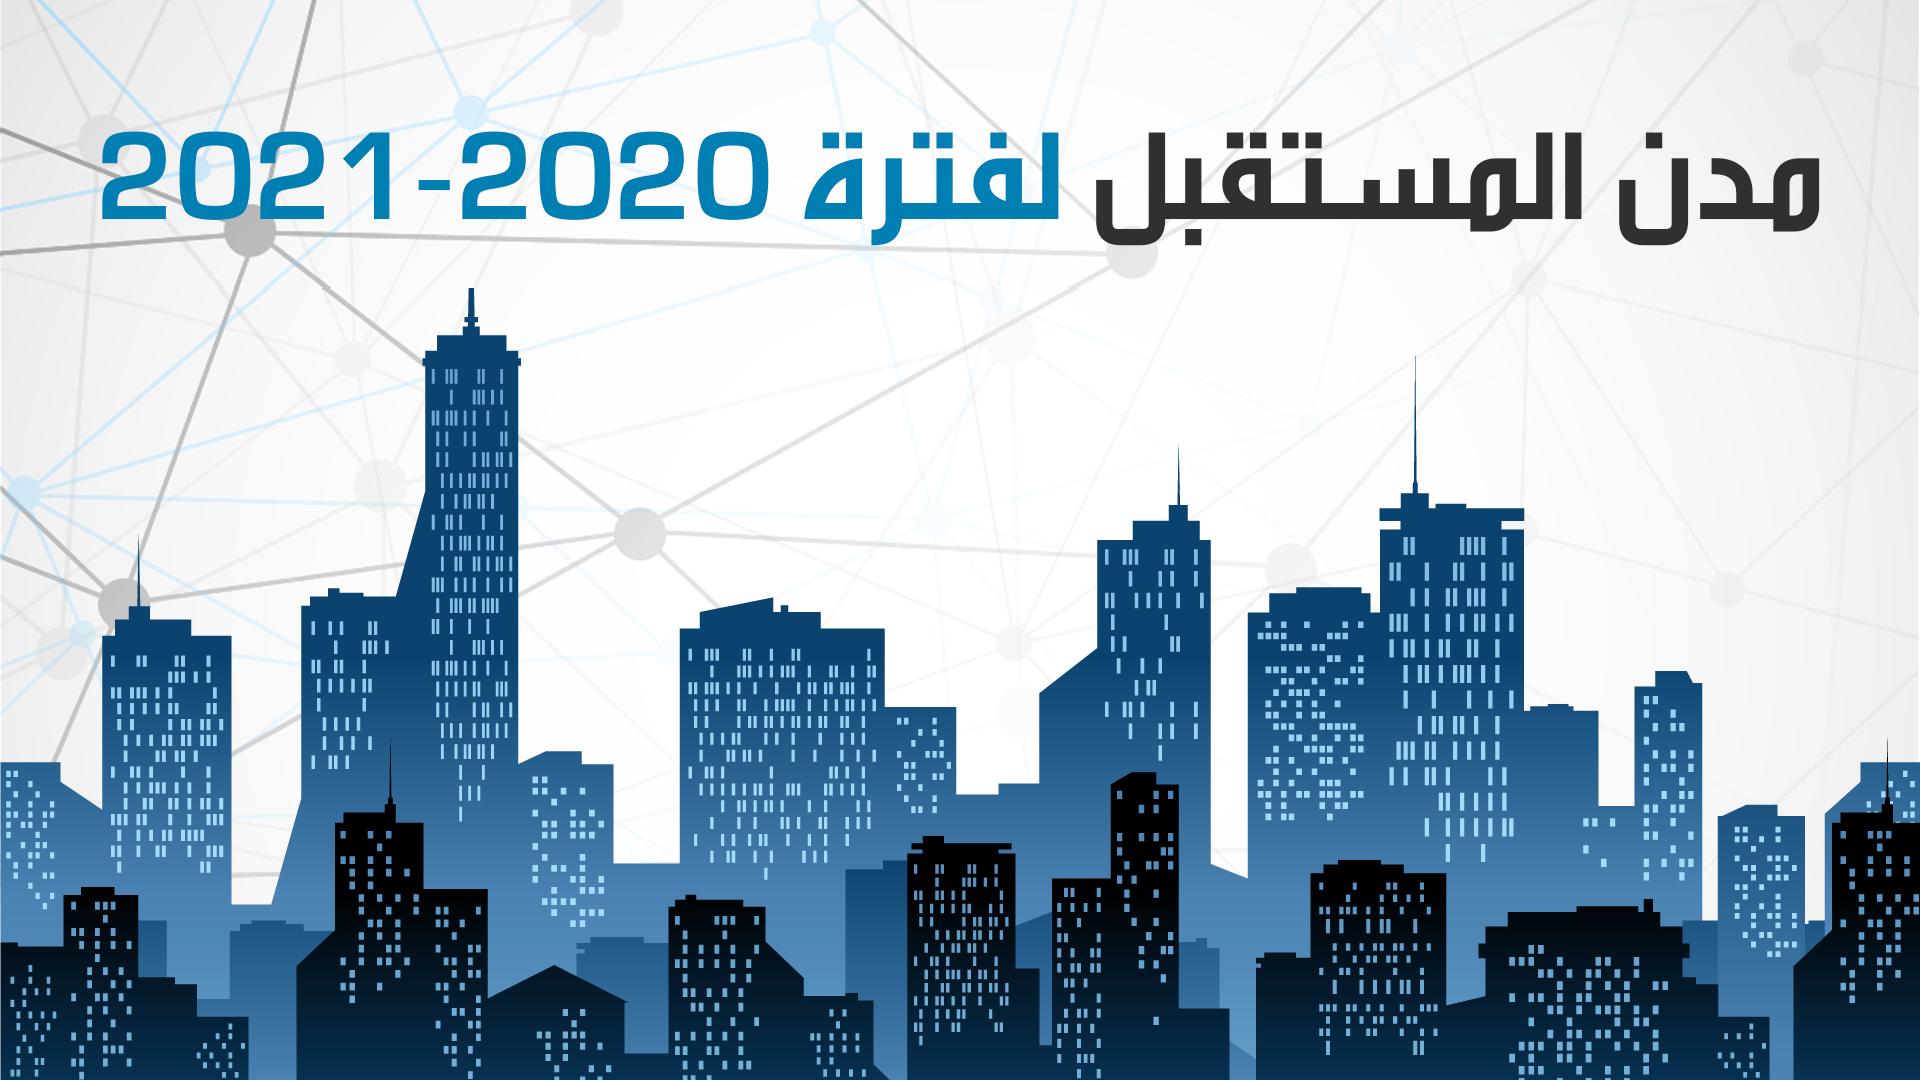 مدن المستقبل لعام 2021-2020